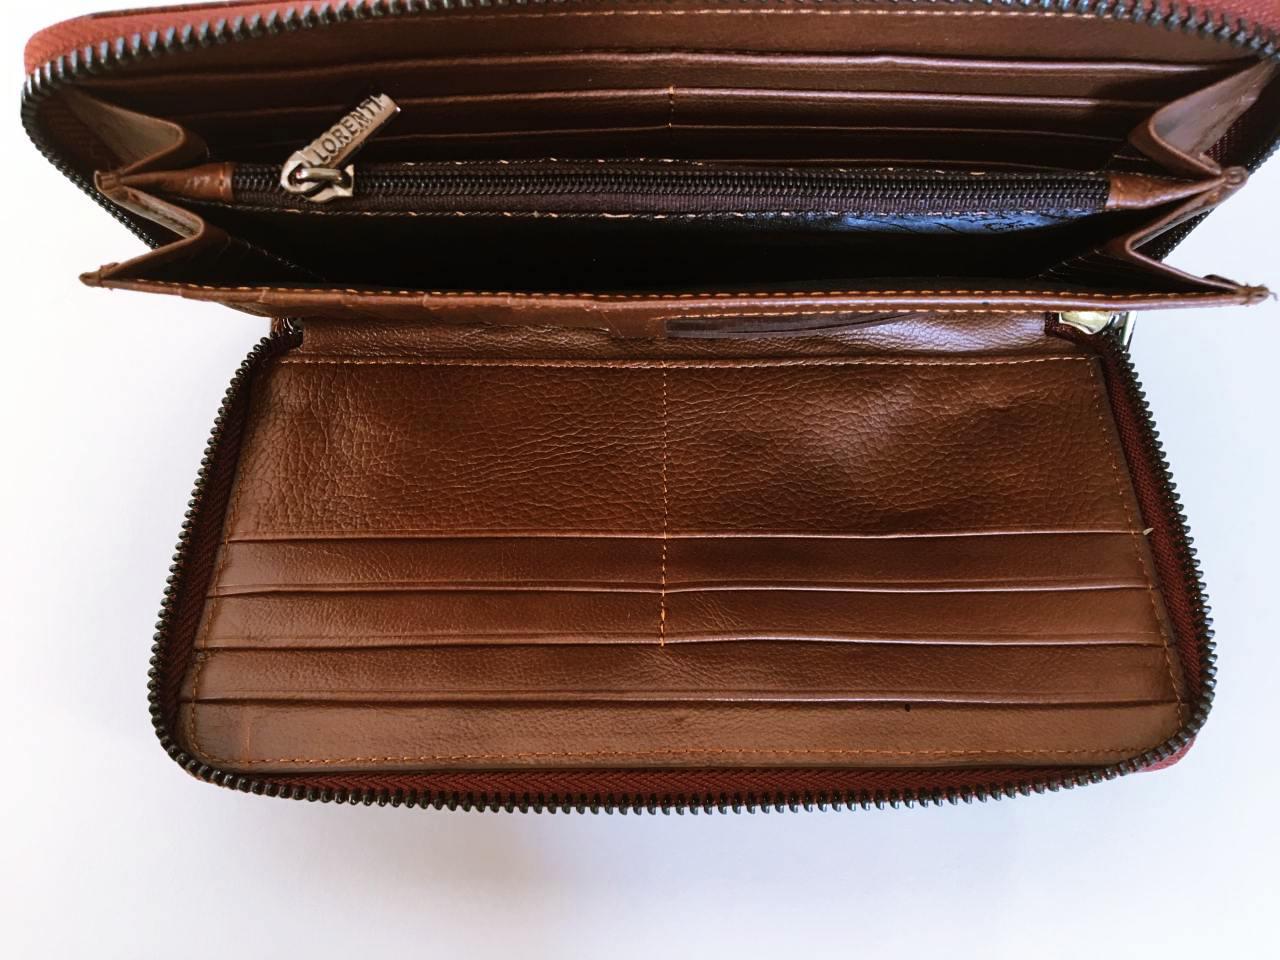 Kožená peněženka Lorenti tmavě hnědá 04